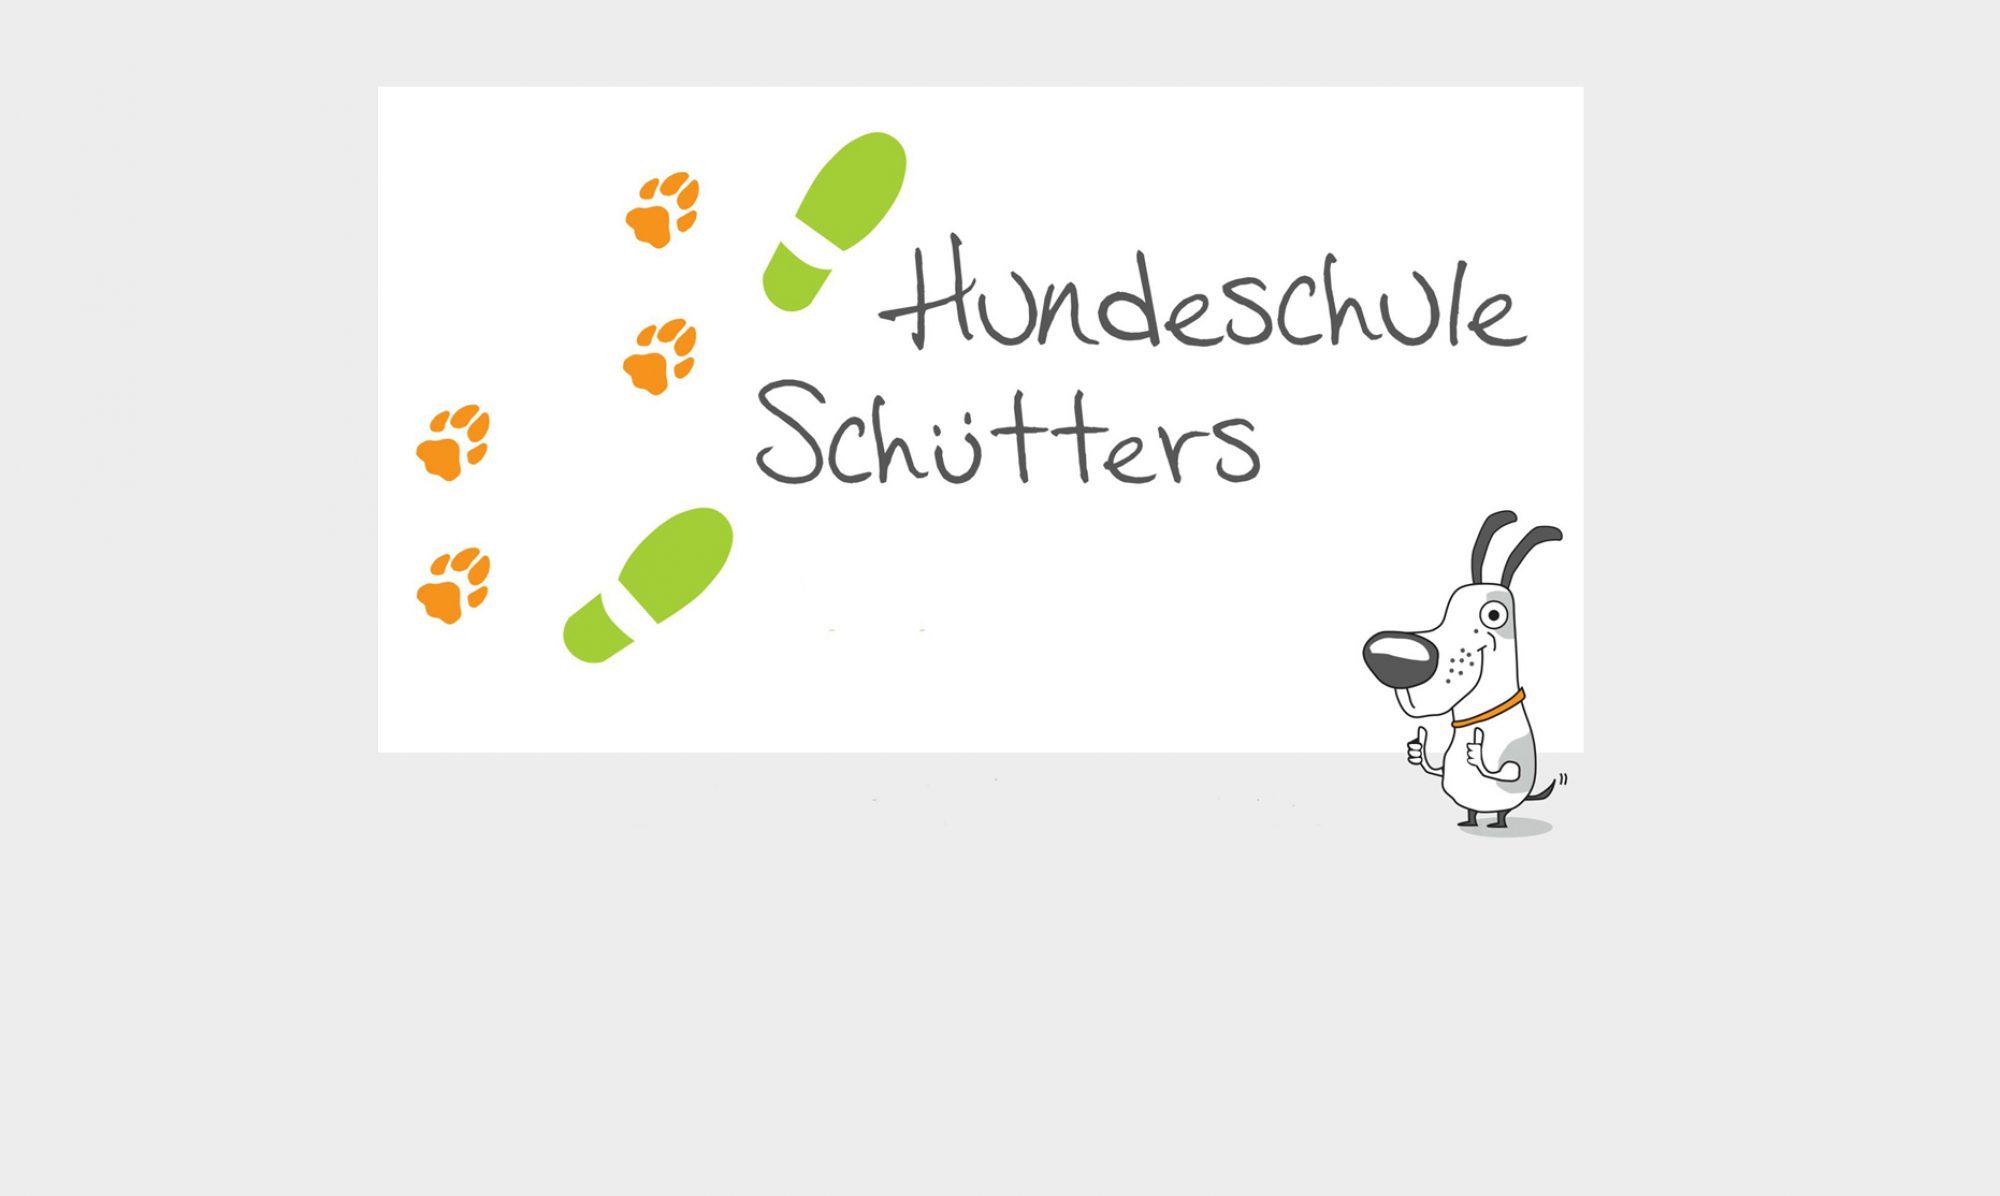 Hundeschule in Münster, Ihre Adresse wenn es um den Hund geht,